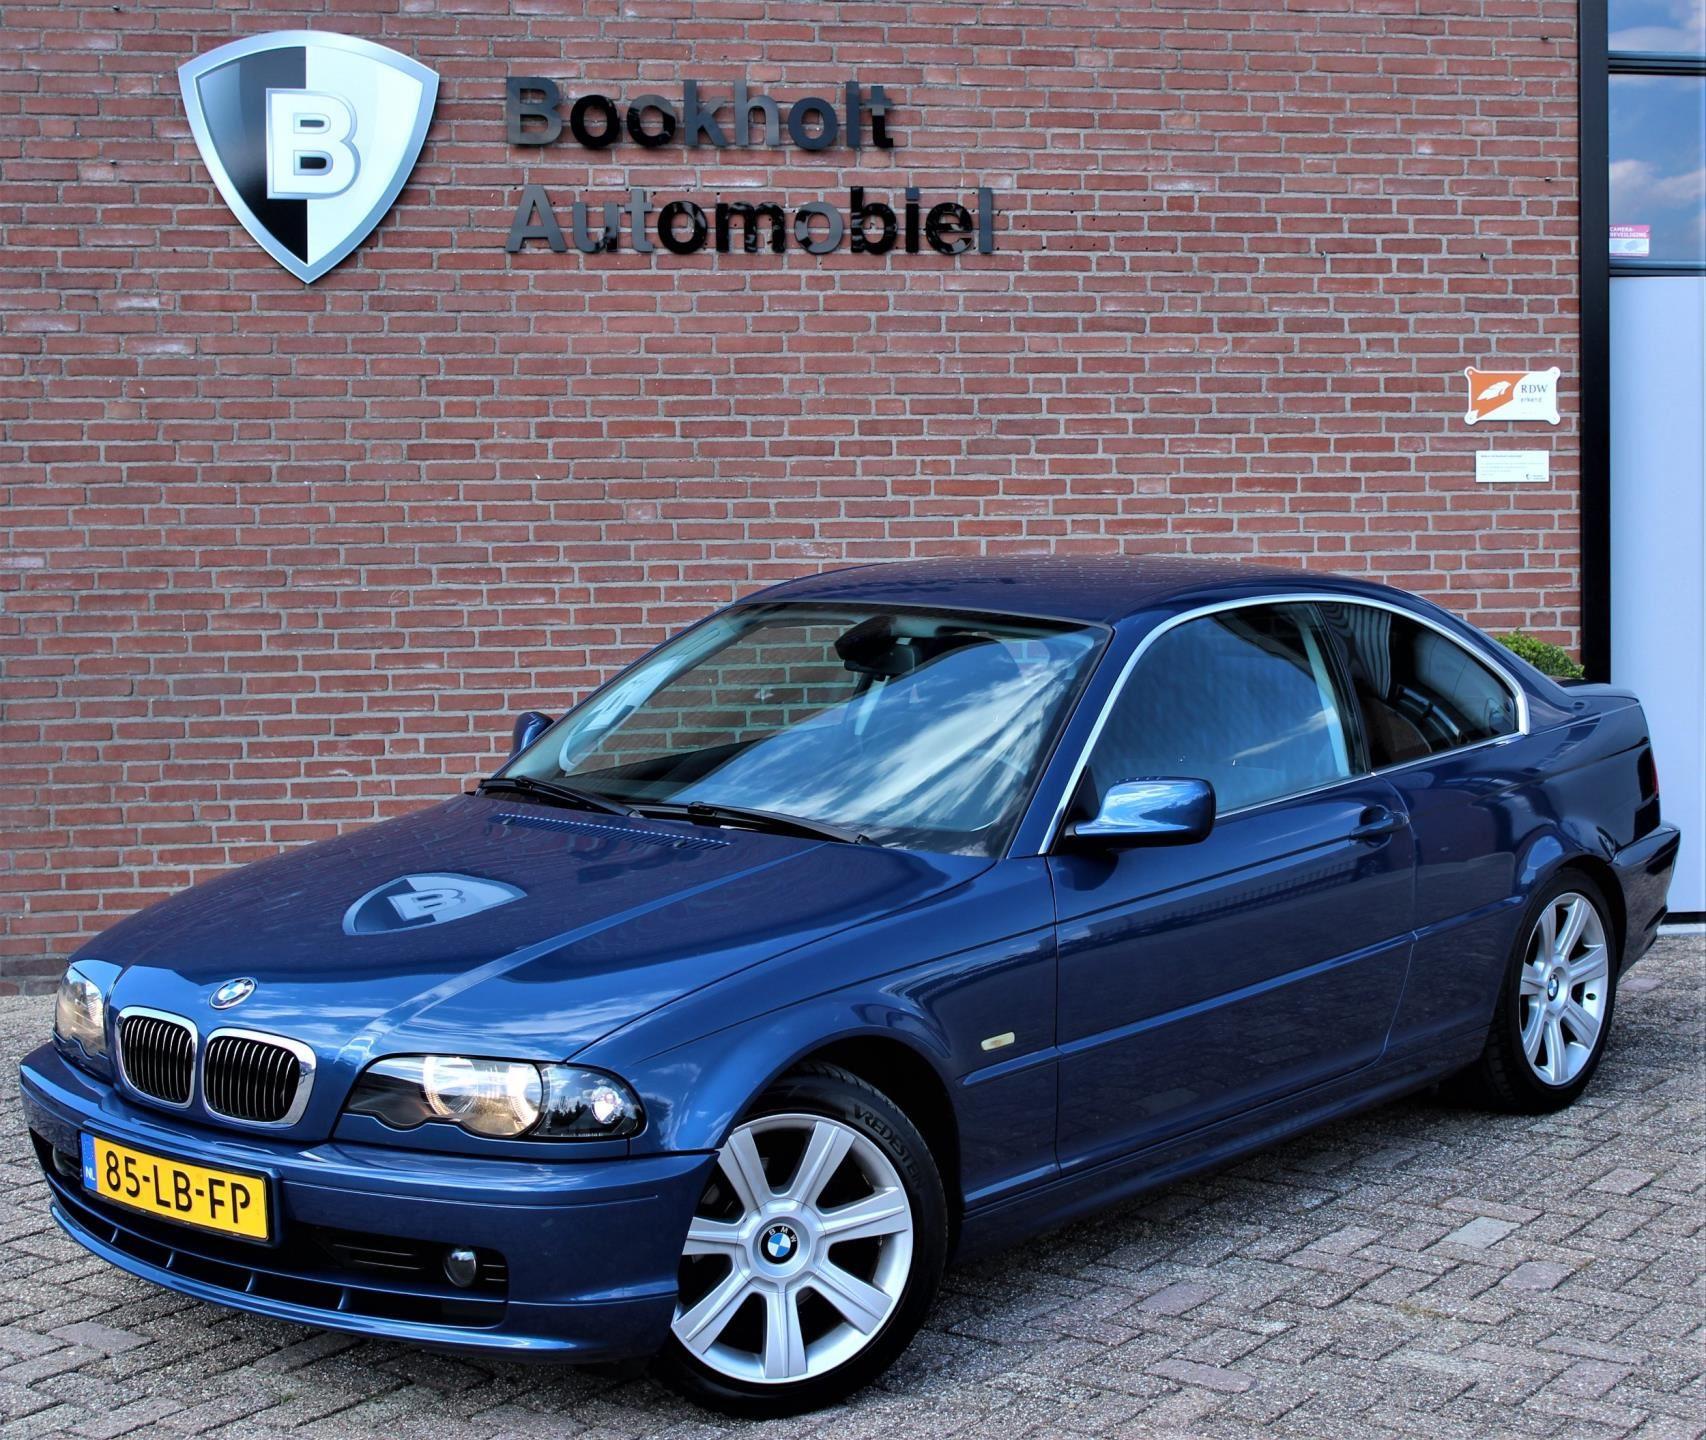 BMW 3-serie Coupé occasion - Bookholt Automobiel